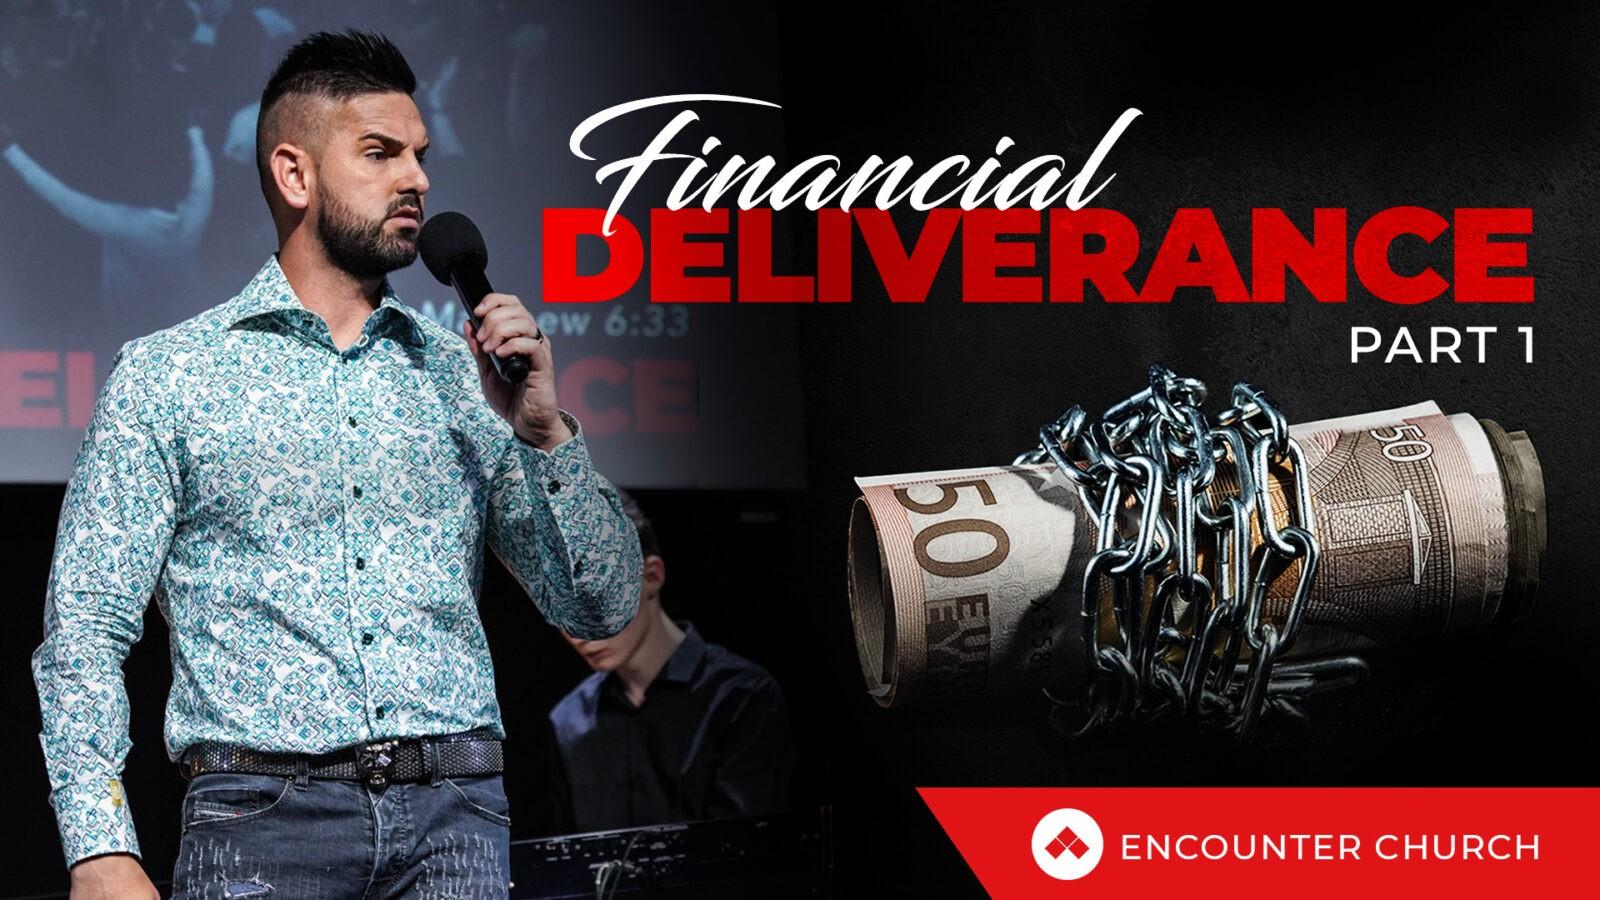 Financial Deliverance Part 1